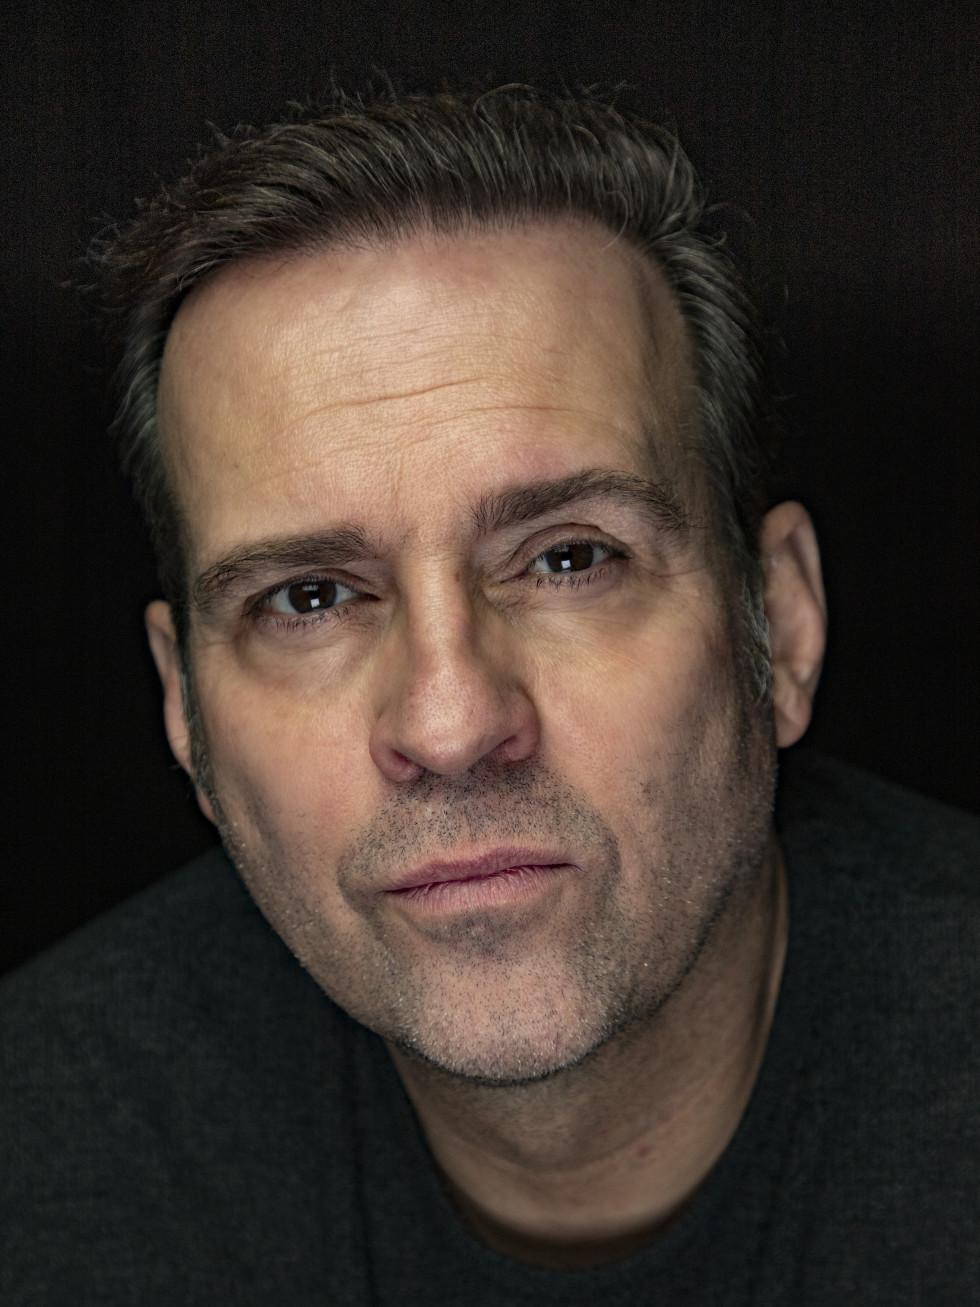 Opera singer Scott Hendricks